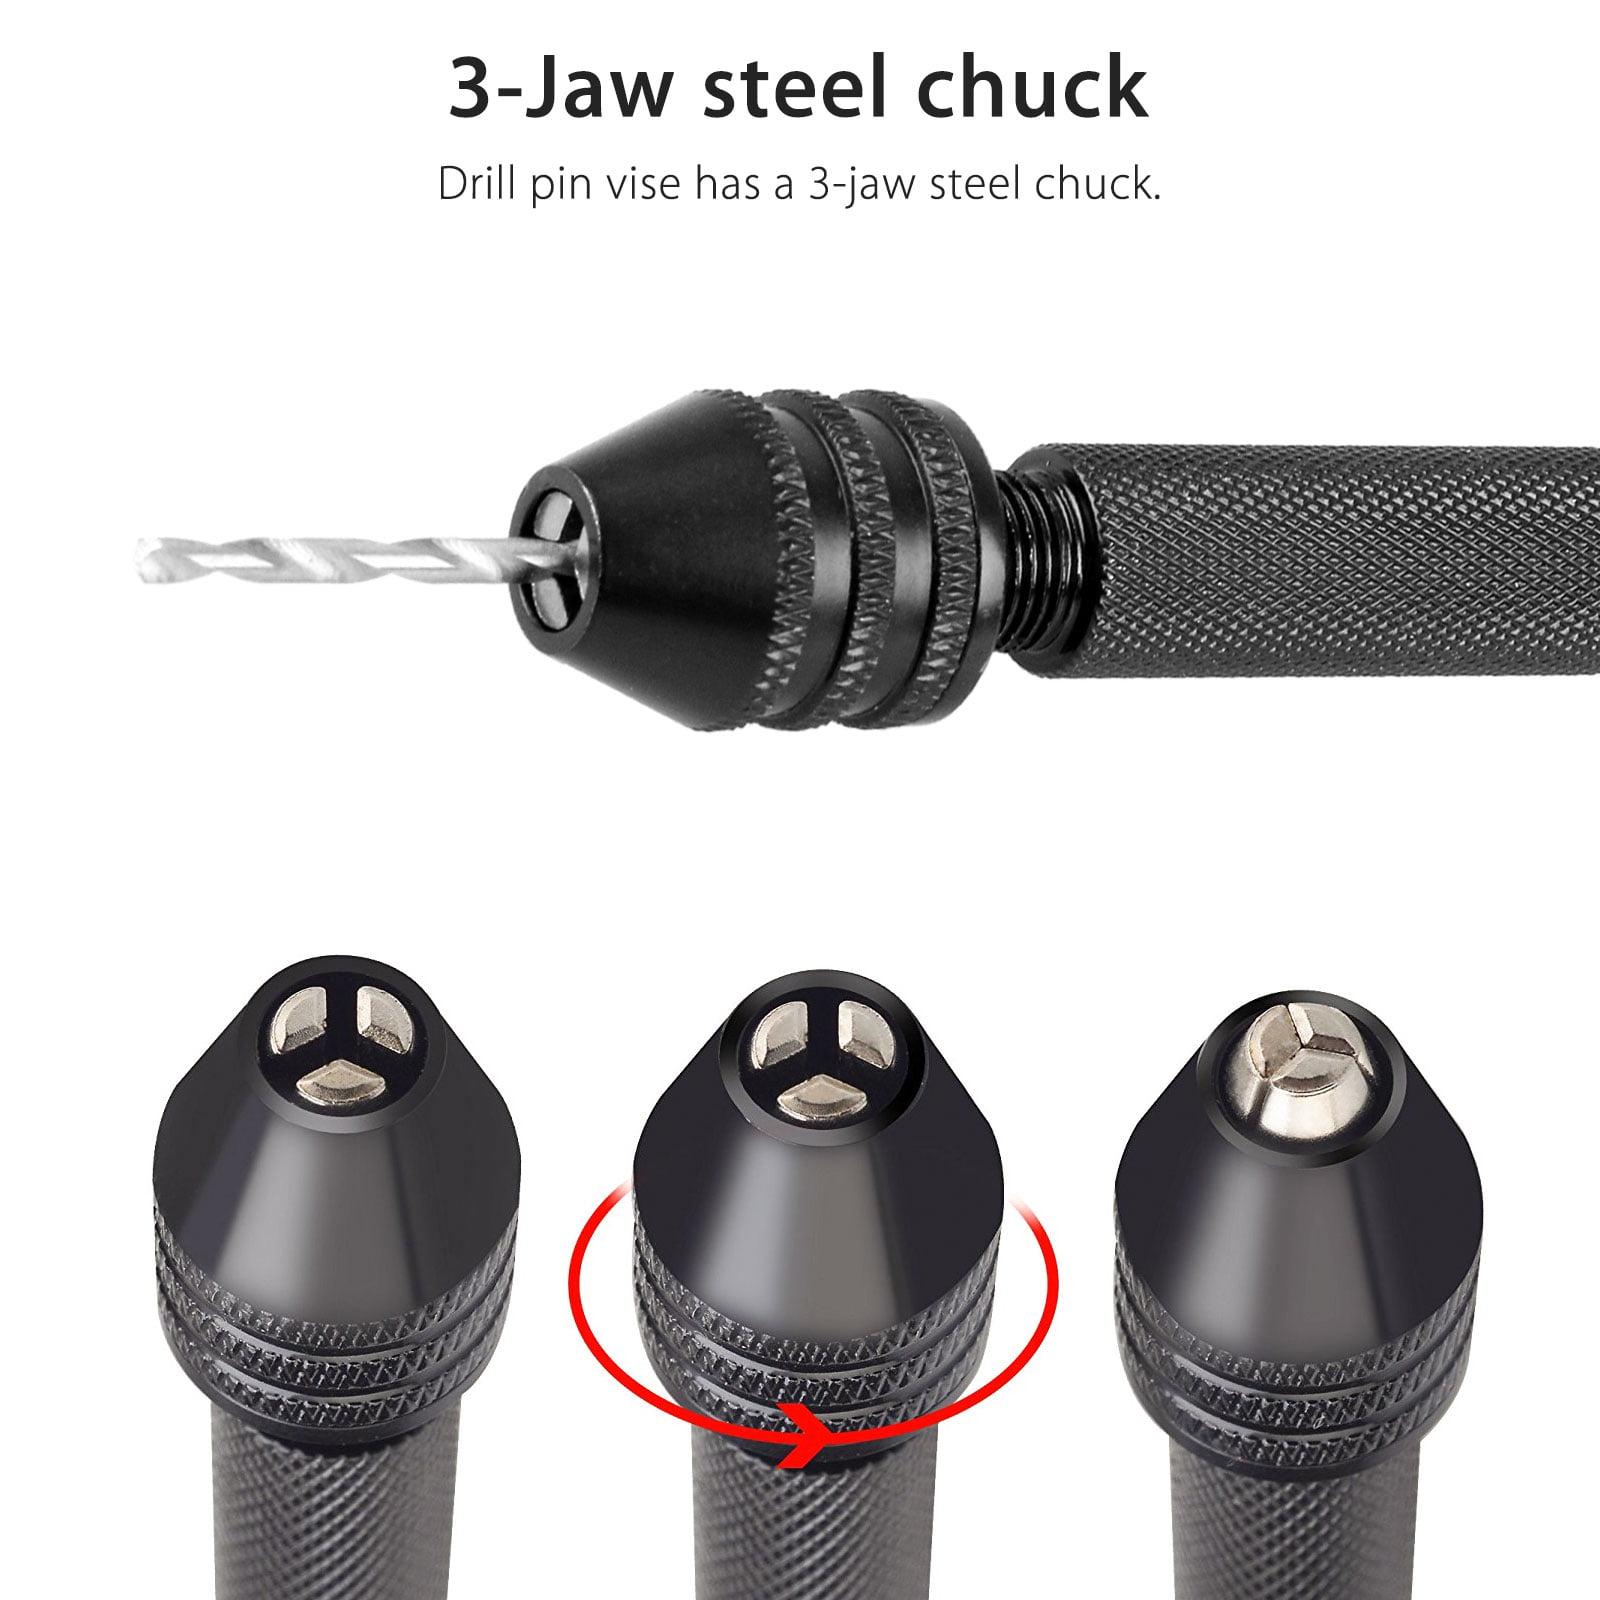 10x Alloy Precision Pin Vise Spiral Drill Hand Drill Micro Precision